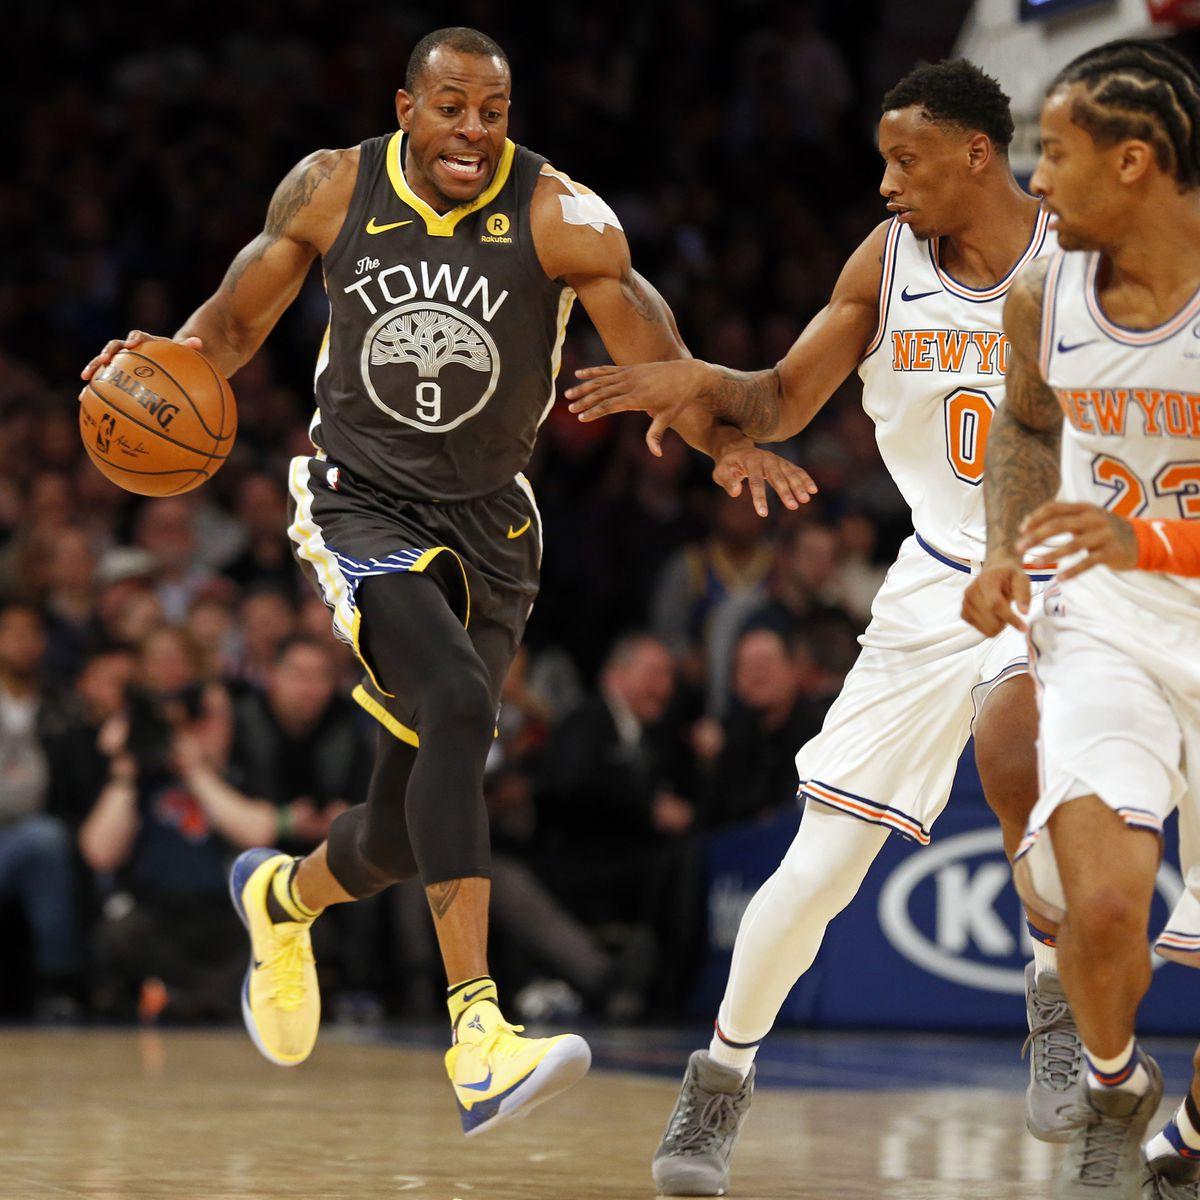 NBA: Golden State Warriors at New York Knicks